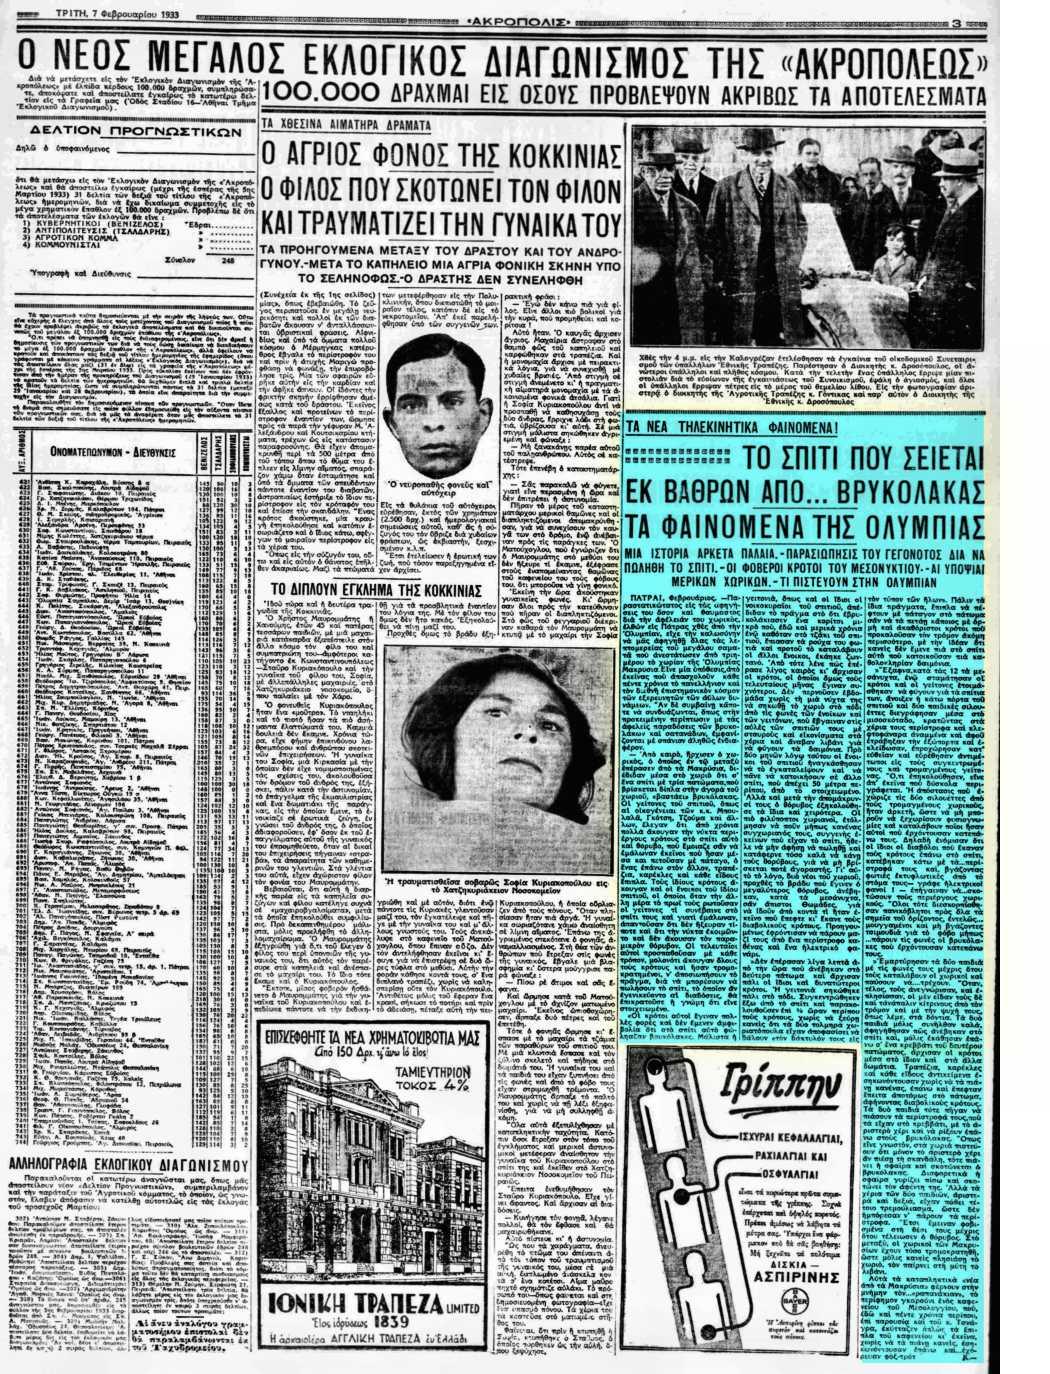 """Το άρθρο, όπως δημοσιεύθηκε στην εφημερίδα """"ΑΚΡΟΠΟΛΙΣ"""", στις 07/02/1933"""